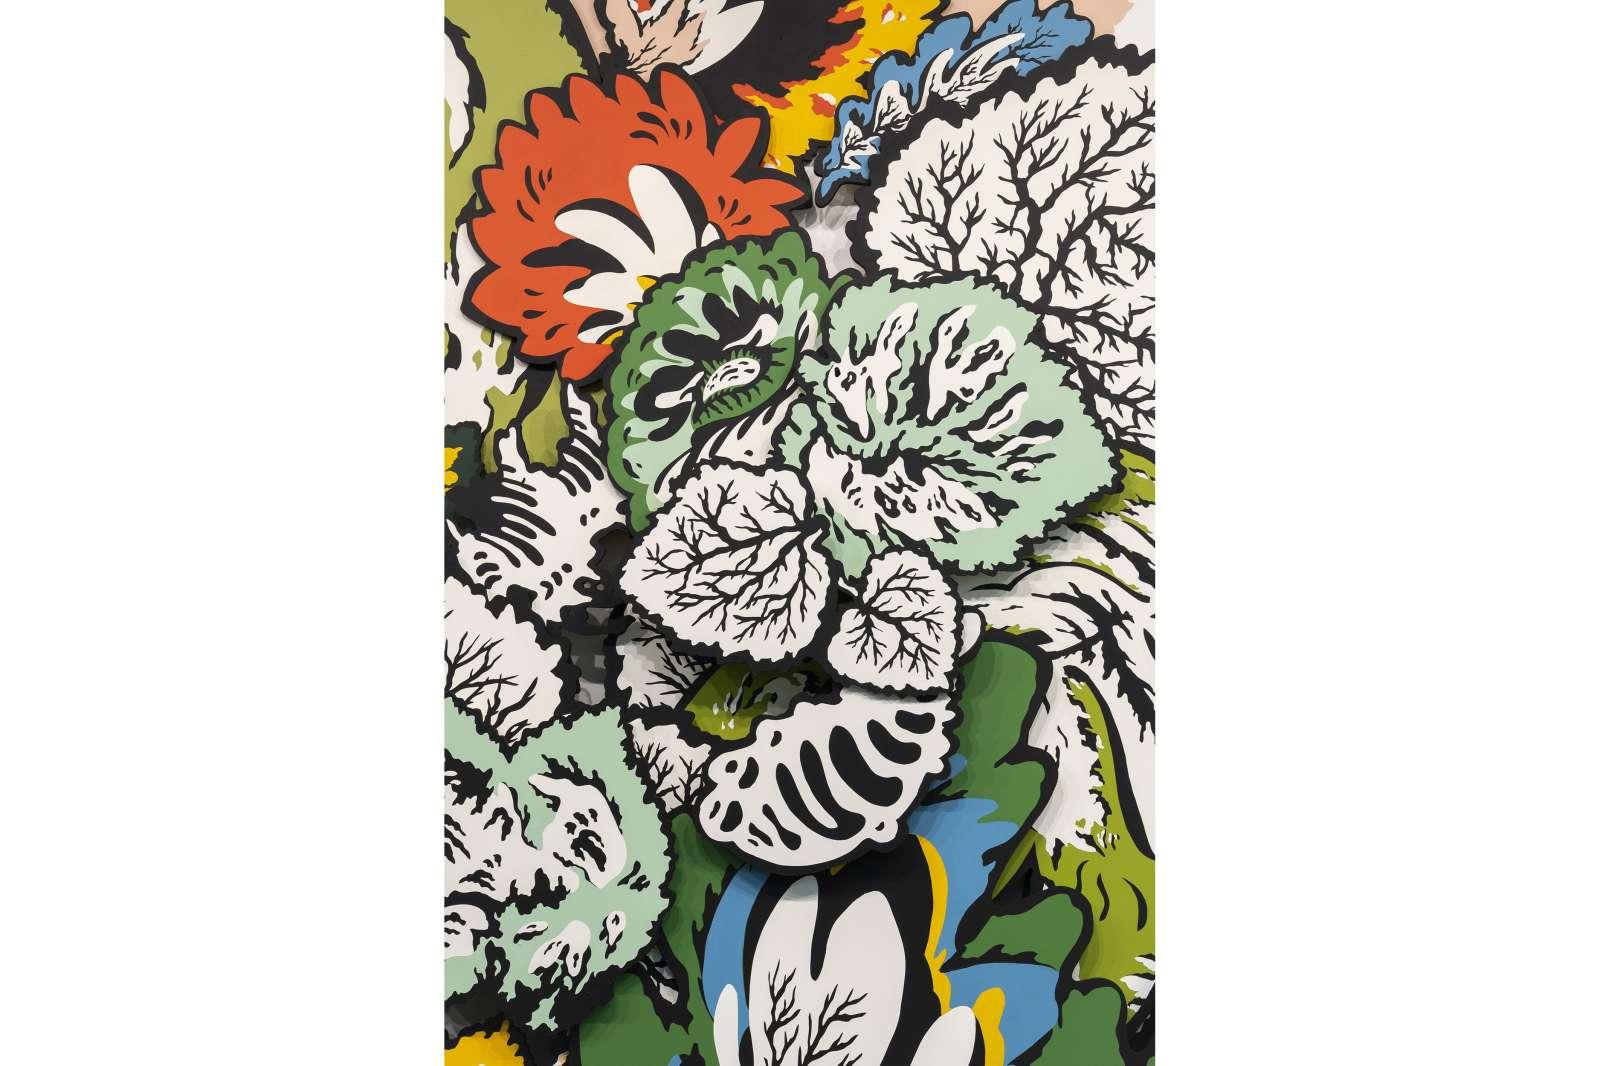 Natasha Bowdoin, Power Flower, 2021